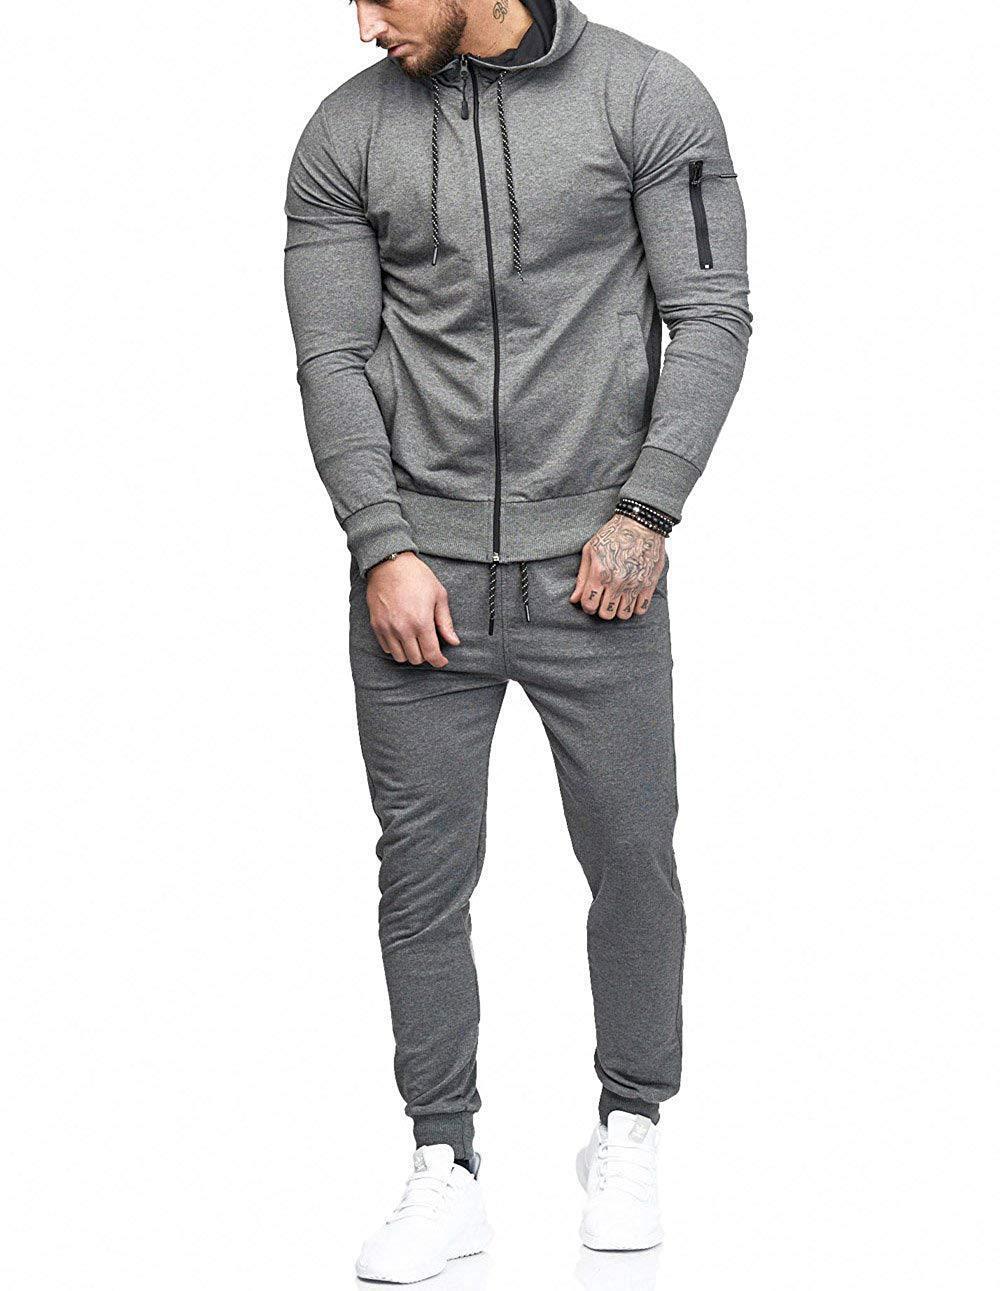 Mens Tracksuit 2020 New Autumn Winter Fashion Trend Solid Men Sports Suit Arm Zipper Decoration Hooded Casual Slim Men Suit